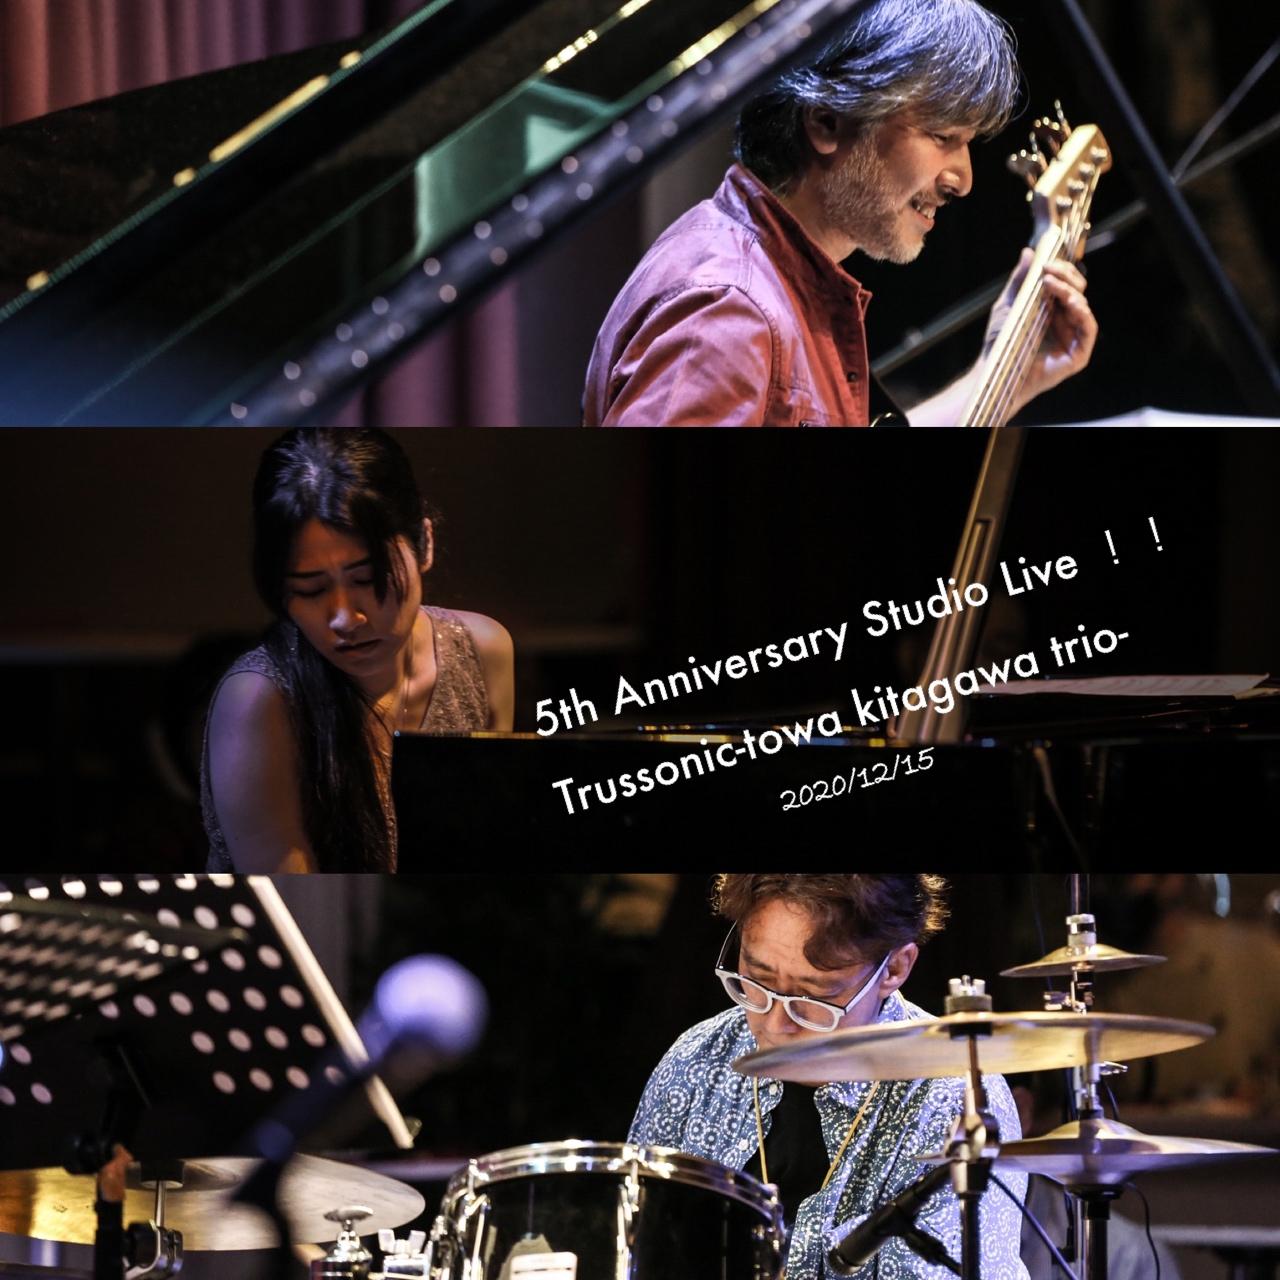 Trussonic -towa kitagawa trio-